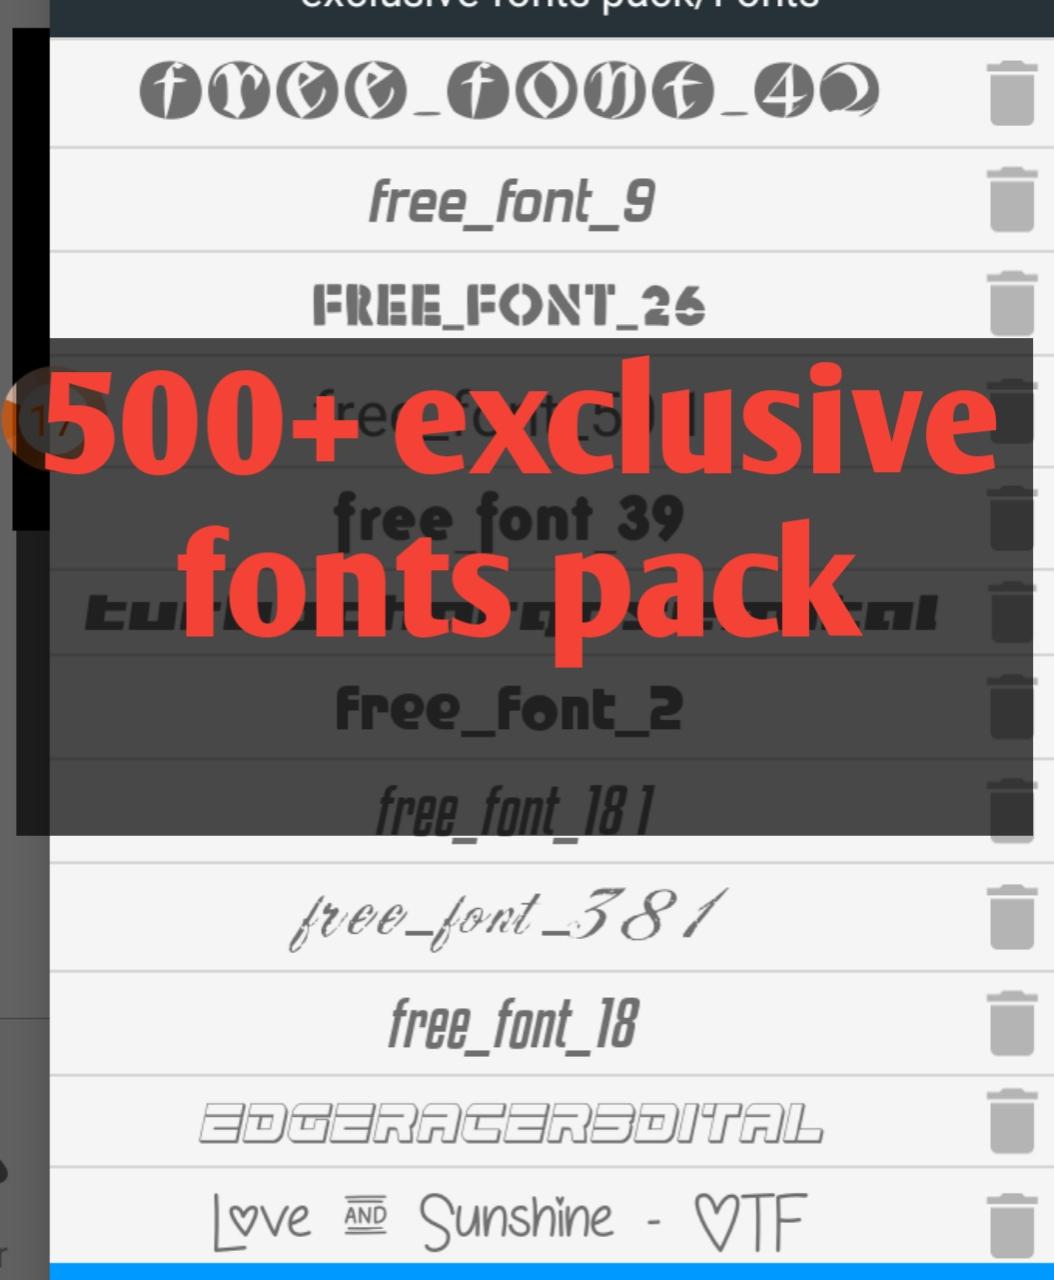 ফ্রিতে নিয়ে নিন 500+ exclusive fonts pack